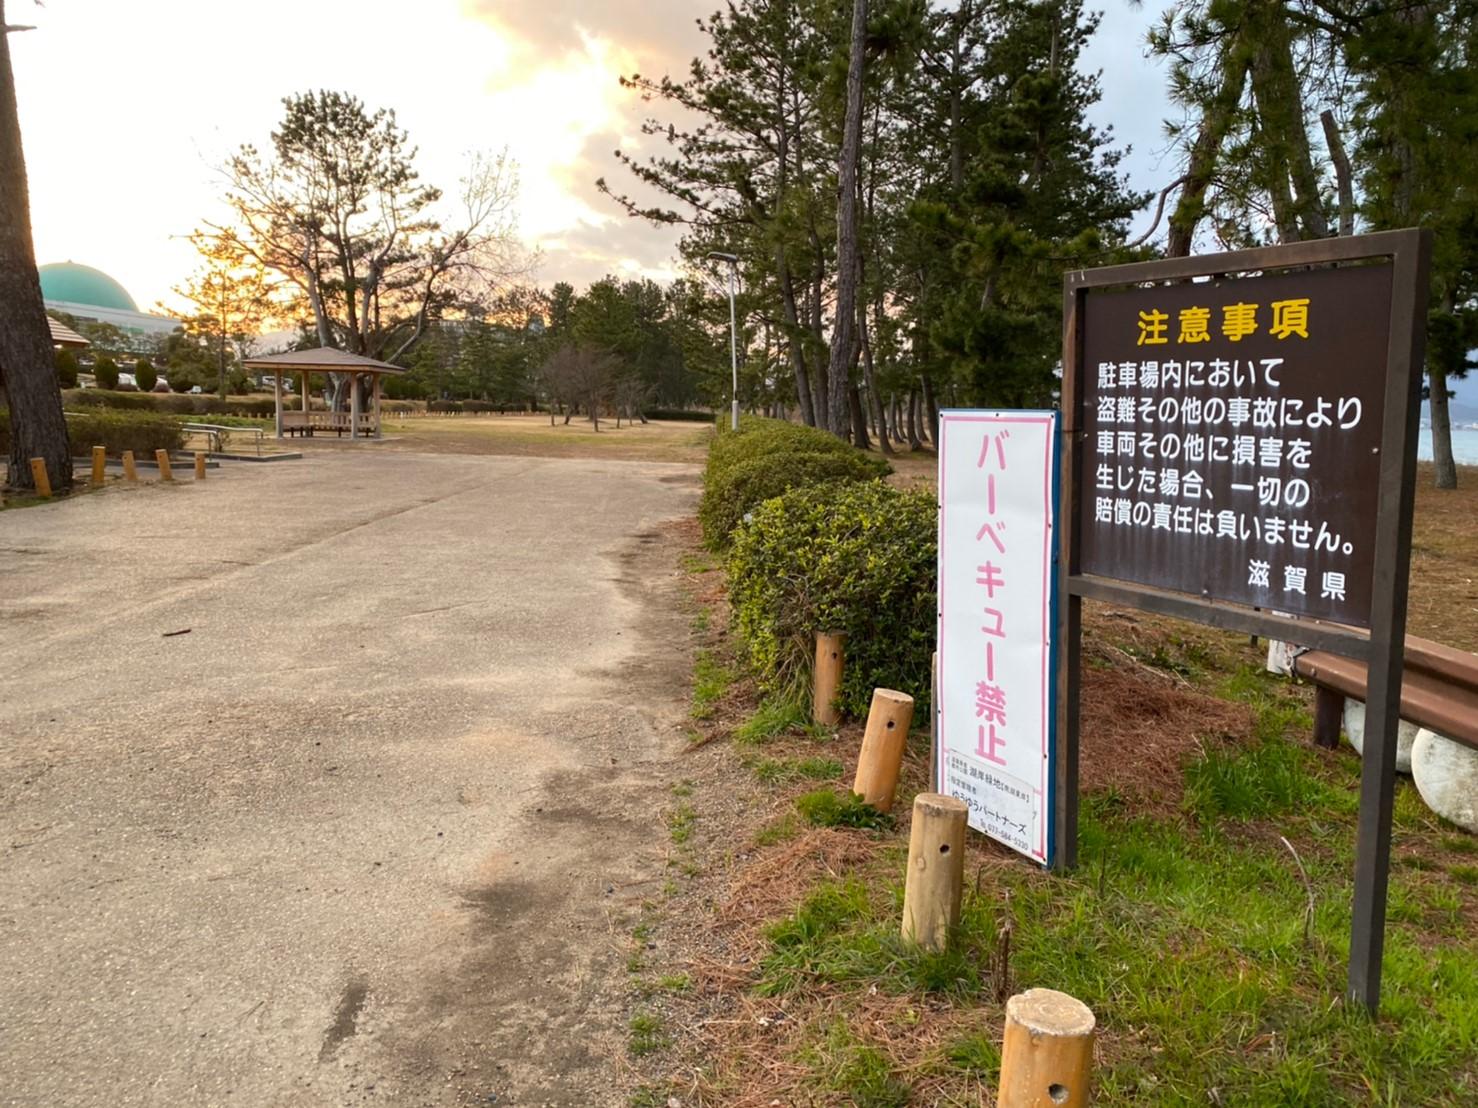 【琵琶湖南エリア】野洲市 なぎさ公園の釣り場ガイド(駐車場・釣れる魚)